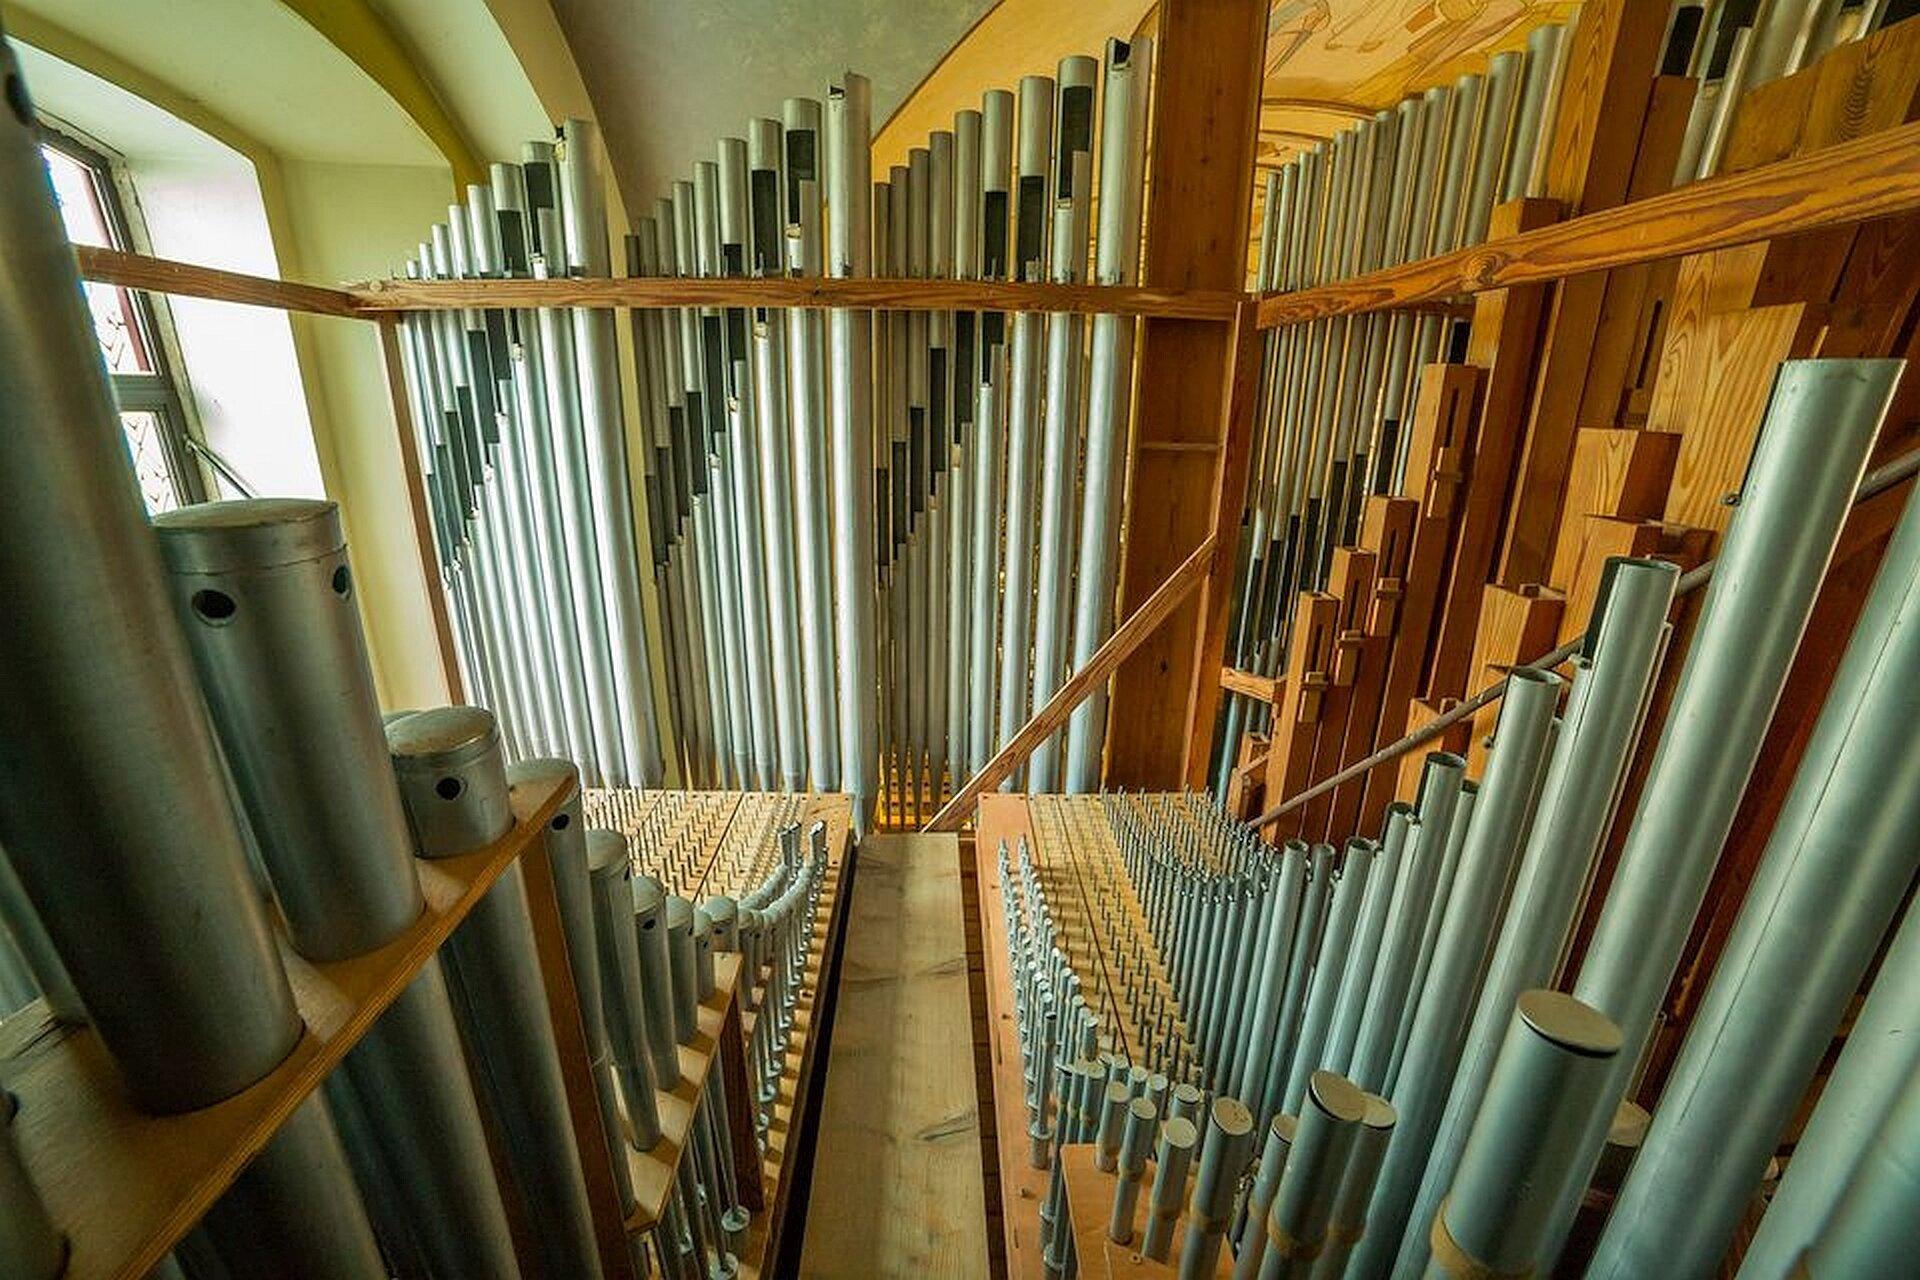 Zdjęcie przedstawiające fragment szafy organowej, czyli miejsca gdzie ustawione są piszczałki. Na zdjęciu bardzo duża ilość piszczałek metalowych idrewnianych ustawionych wrzędach od największych do najmniejszych.